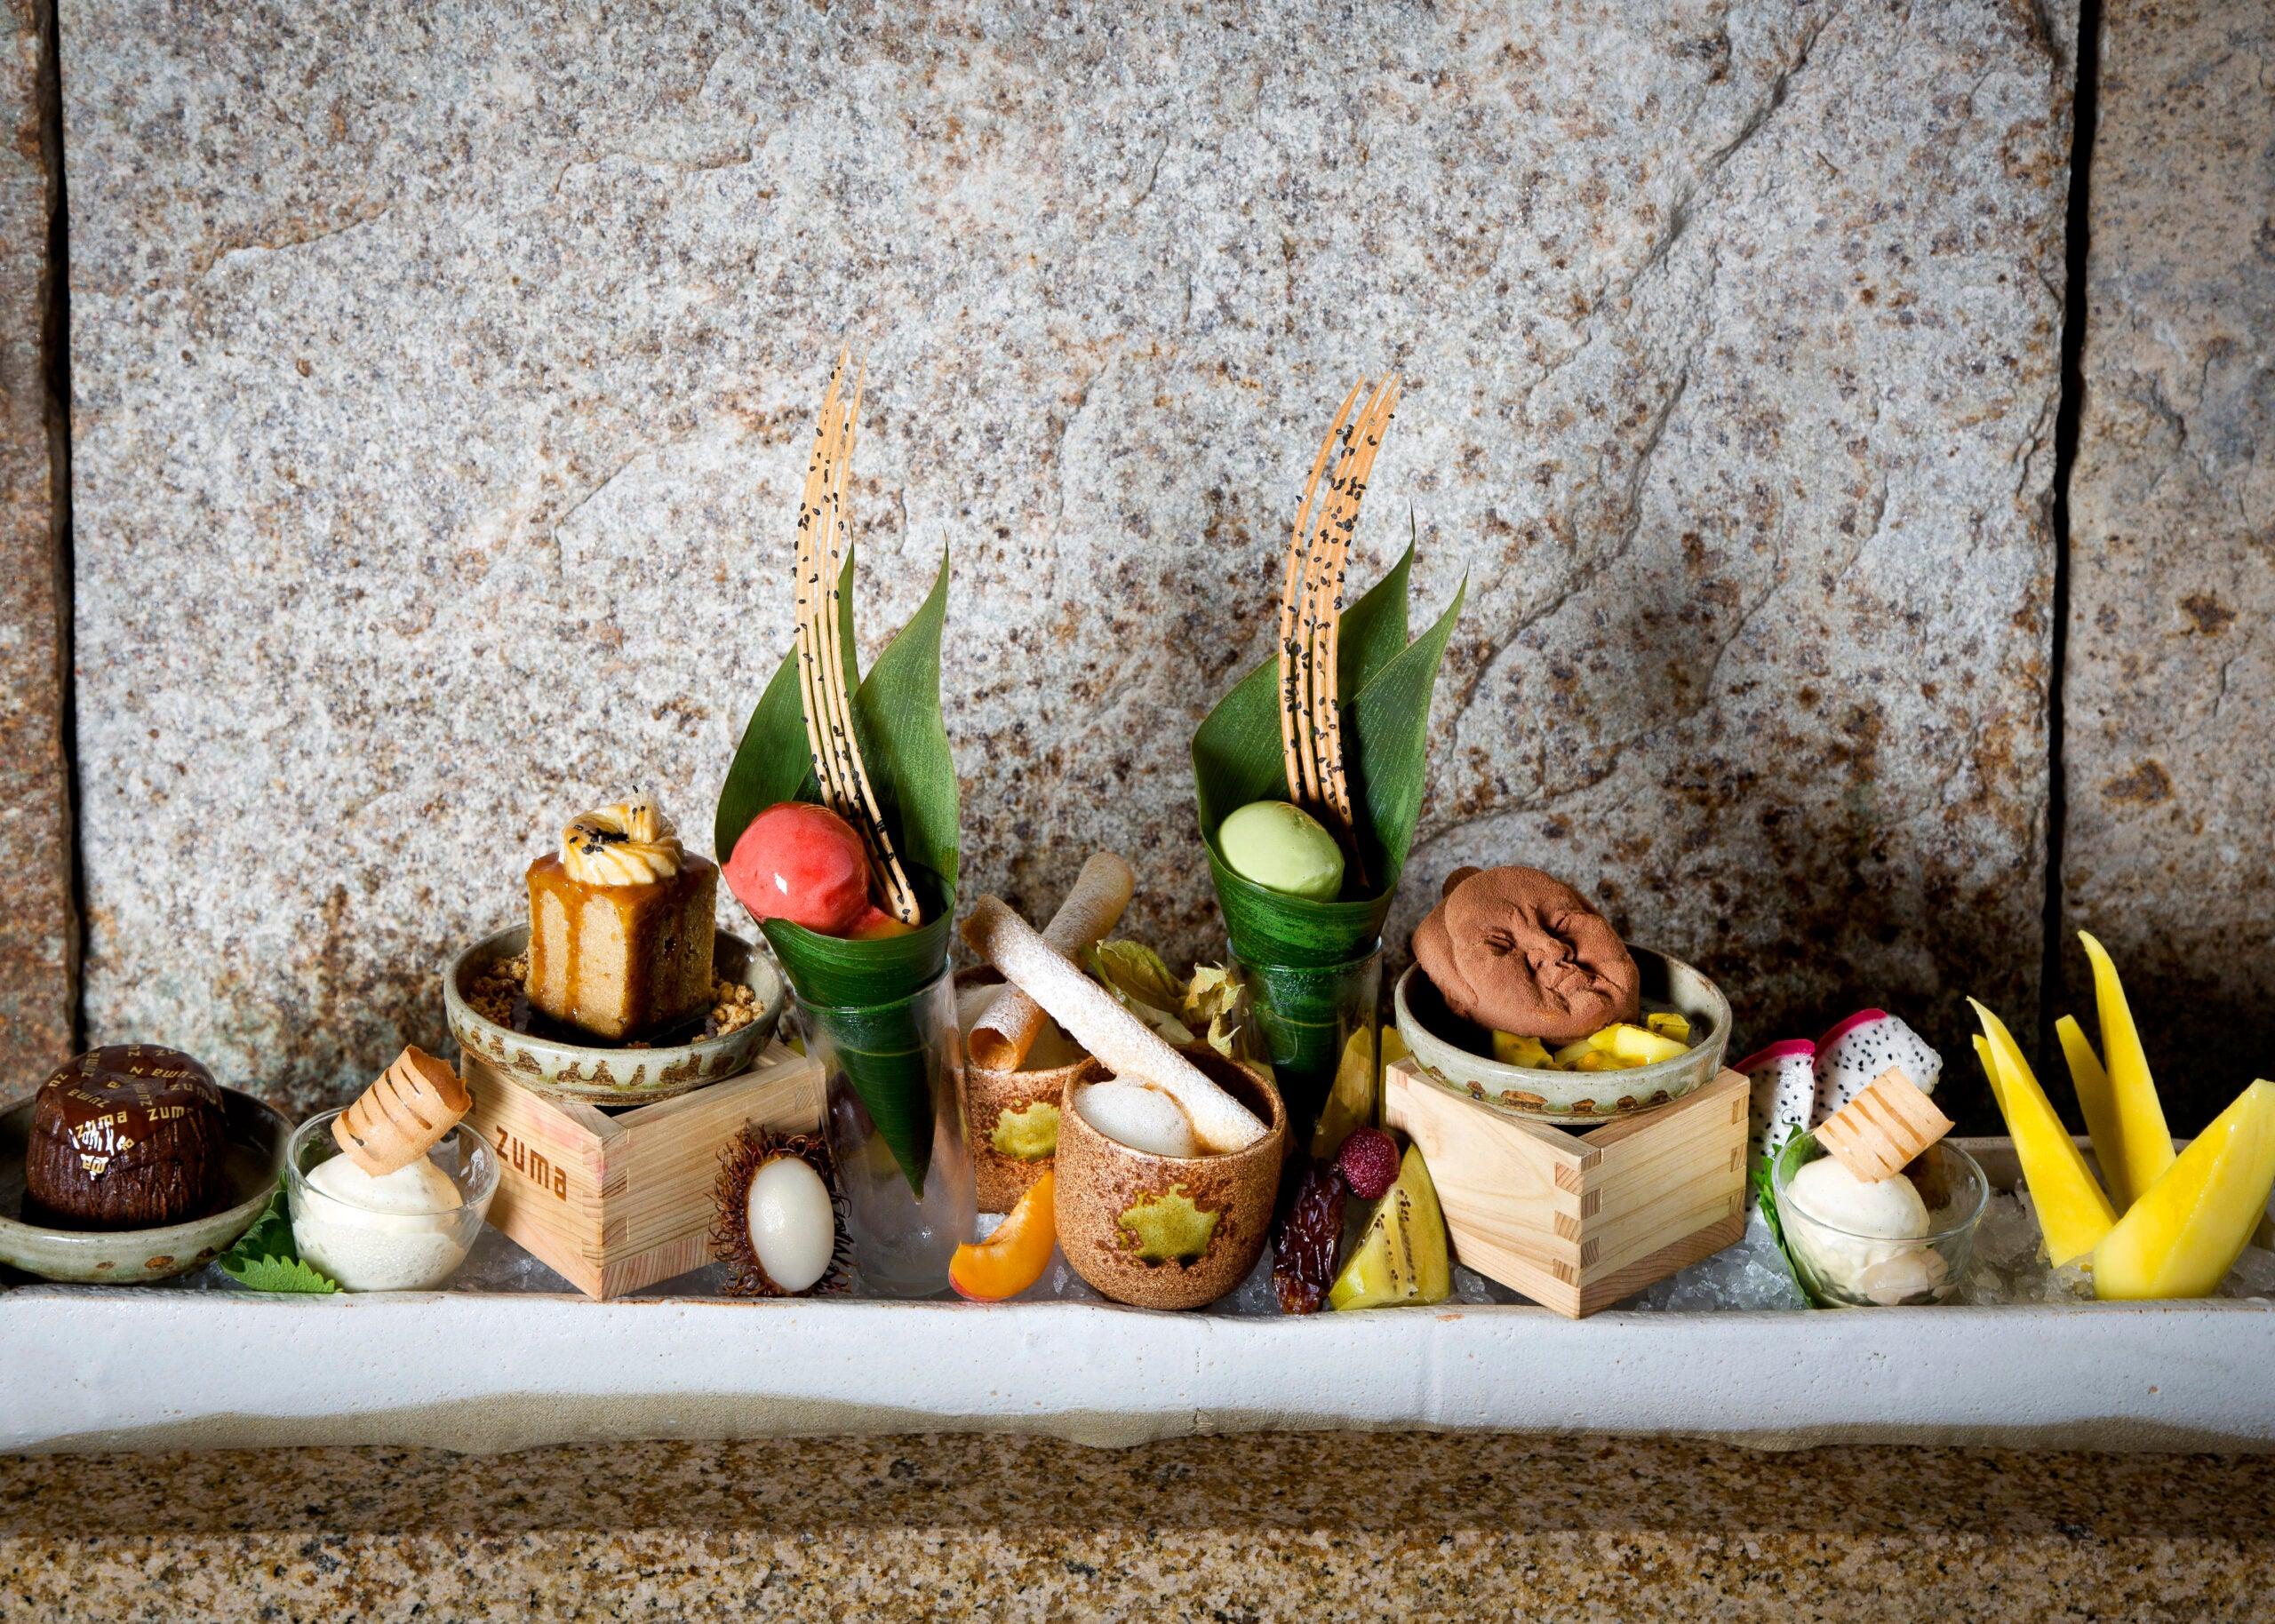 A dessert platter at Zuma